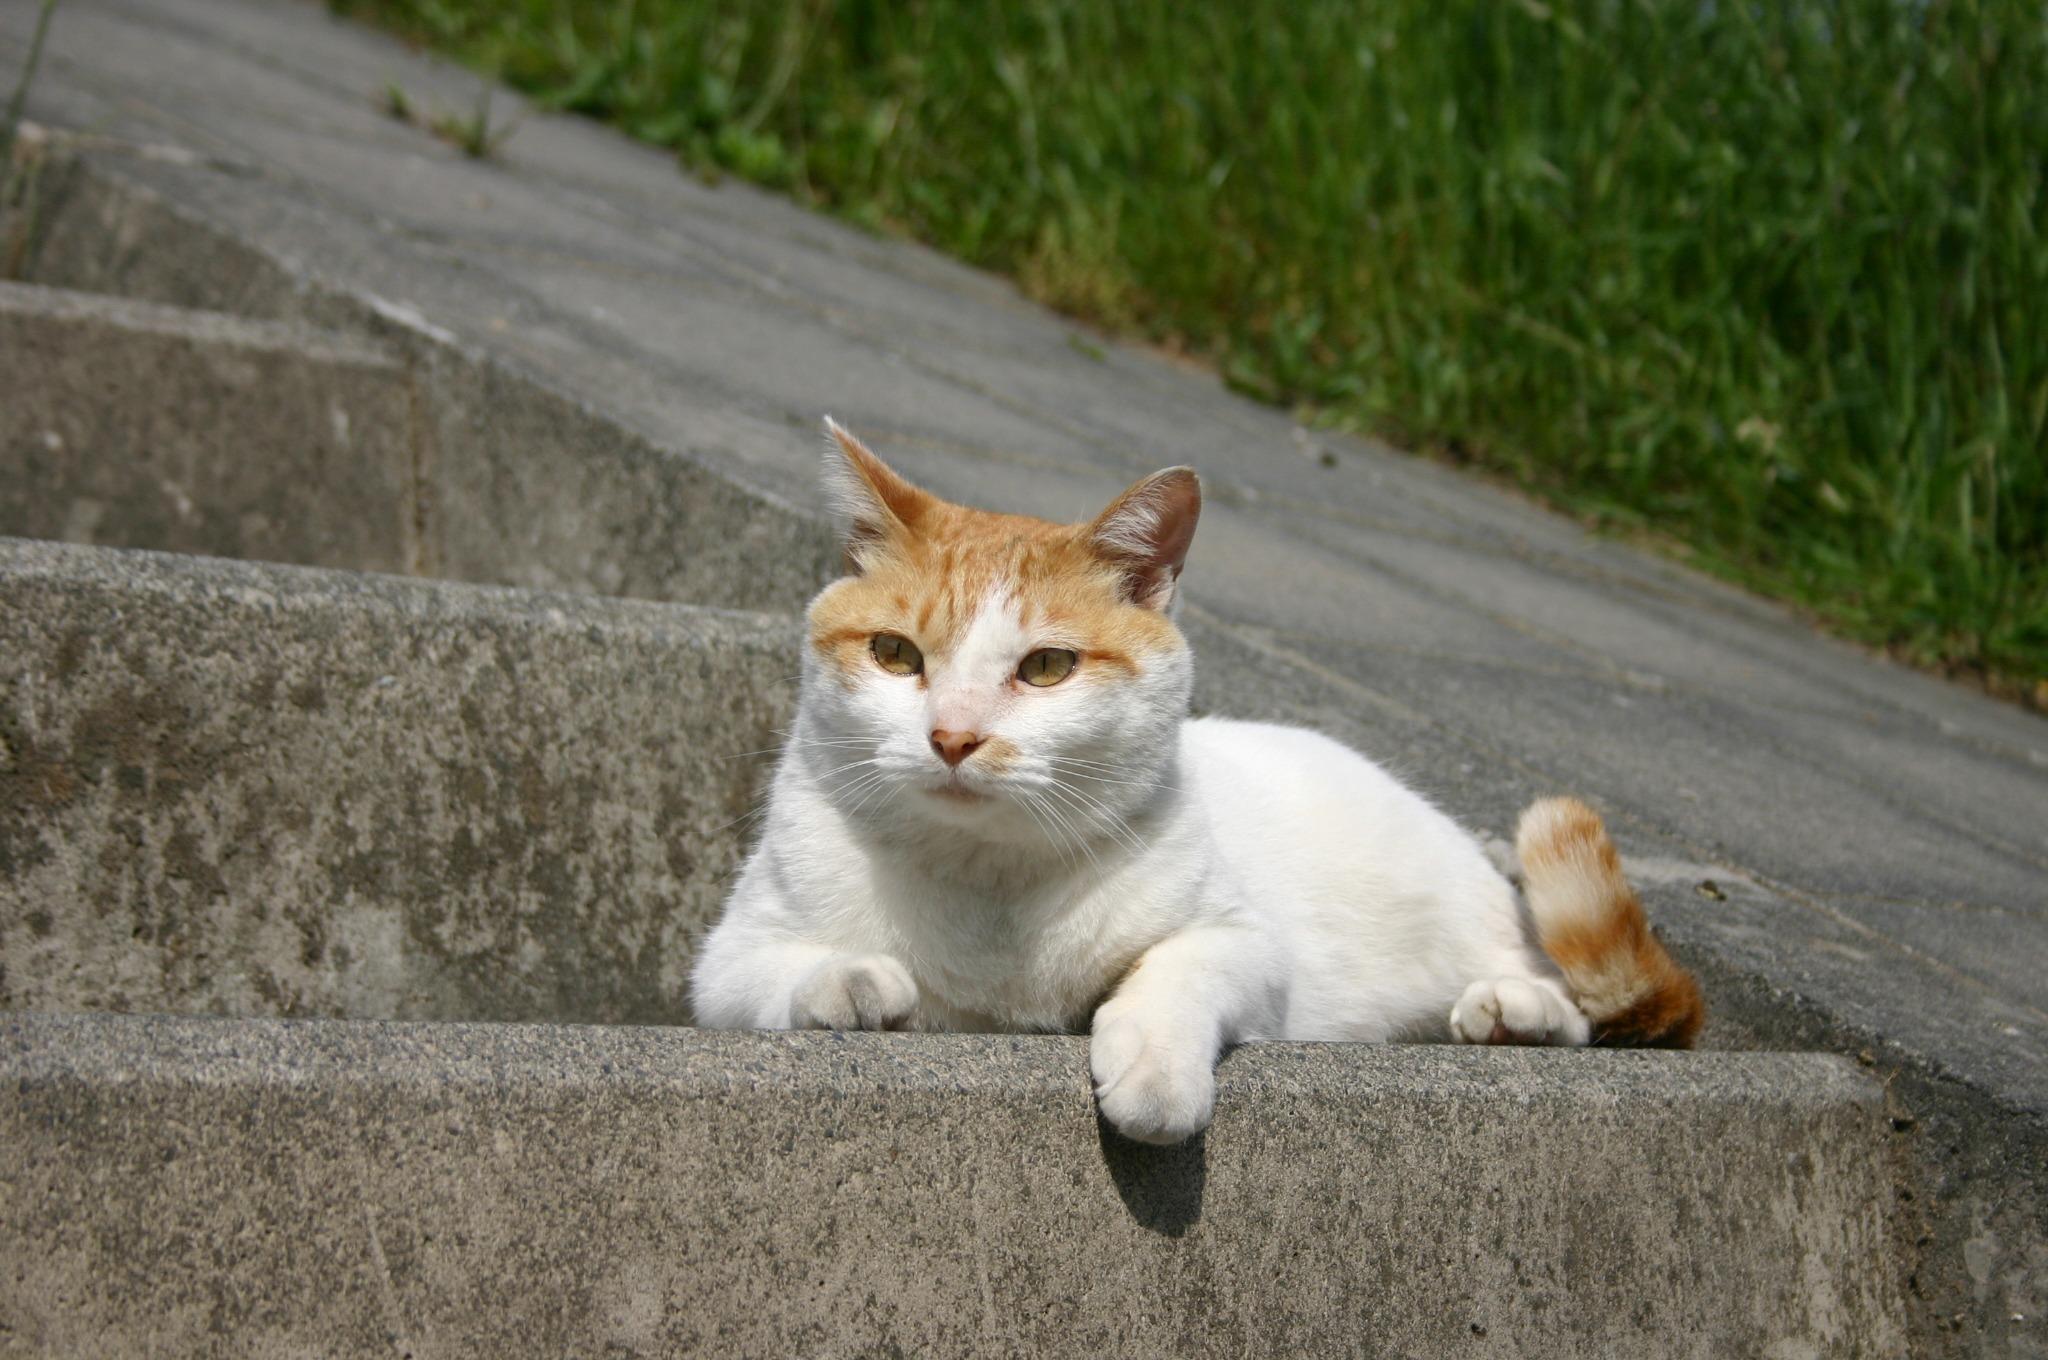 土手で日向ぼっこしている猫